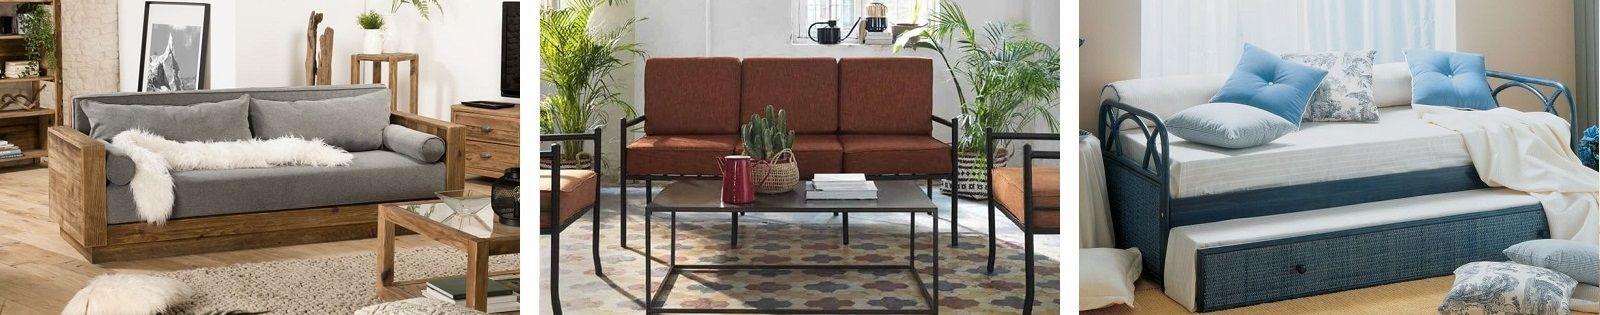 Canapé exotique de qualité en bambou, bananier, fer forgé, rotin, teck et cuir. Lotuséa